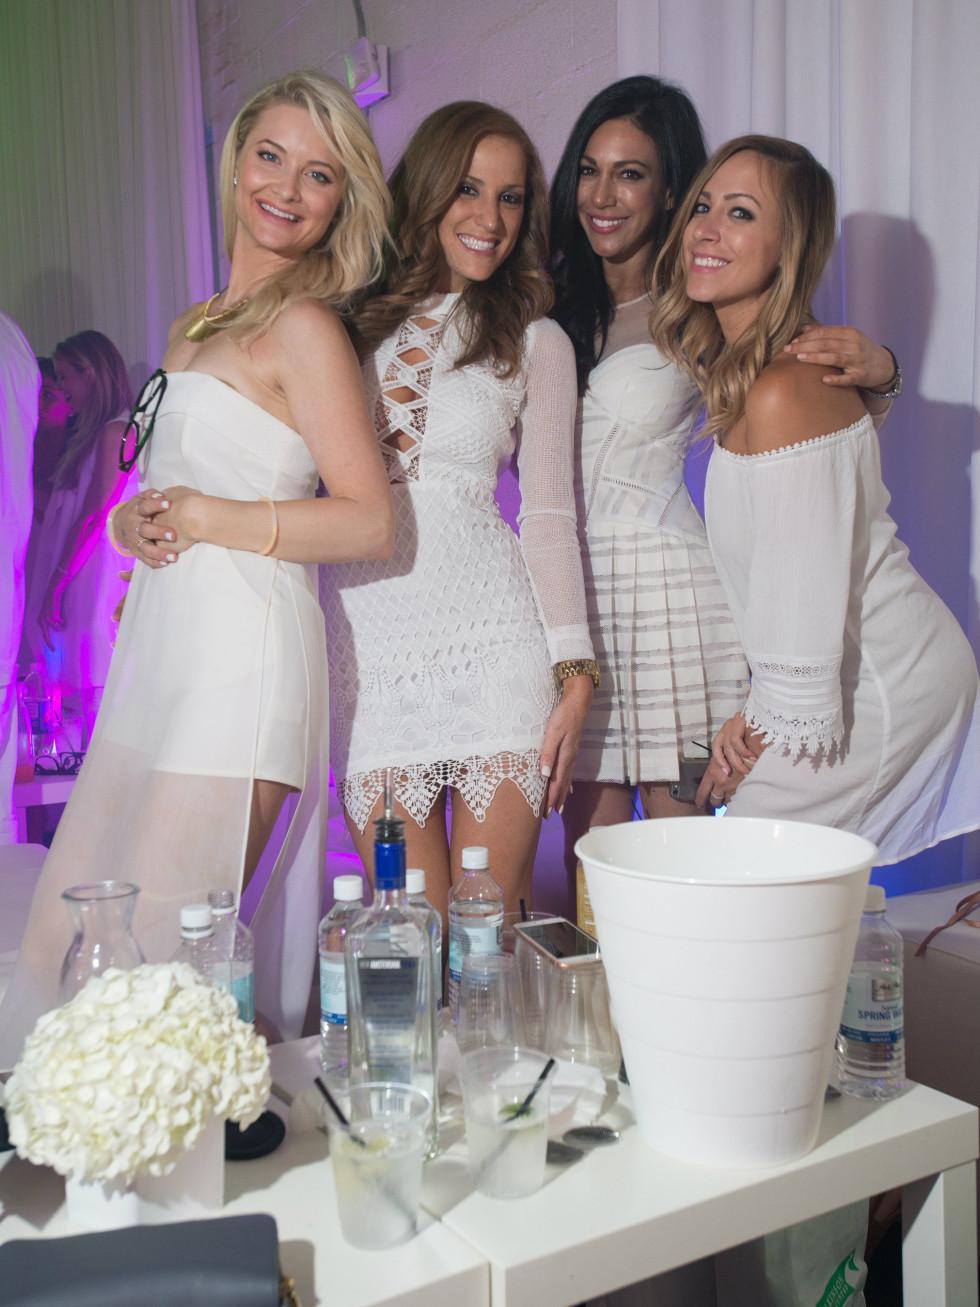 Jessica Tigert, Krystal Houle, Arielle Mandell, Julie Ellis